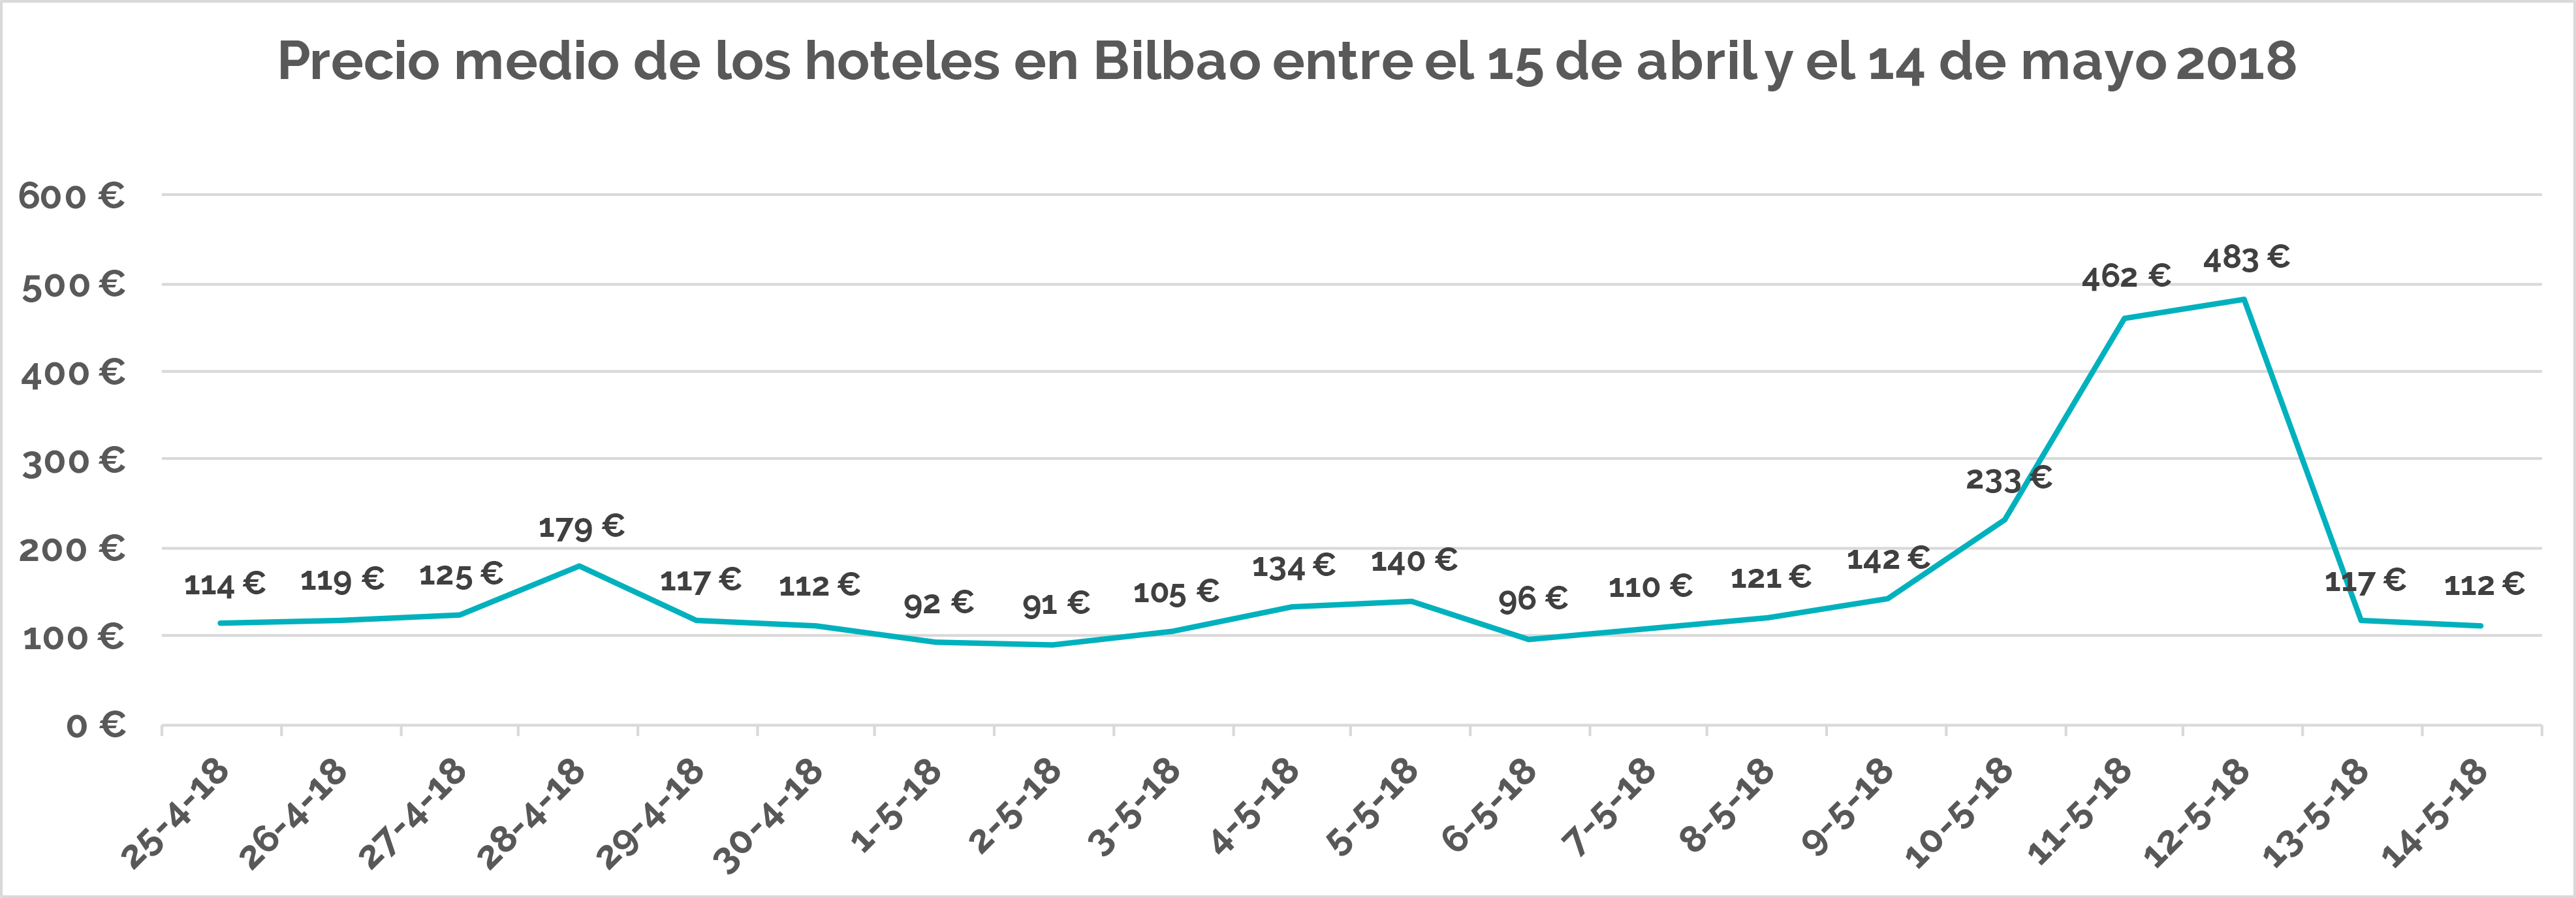 Precios hoteleros finales 2018 Bilbao